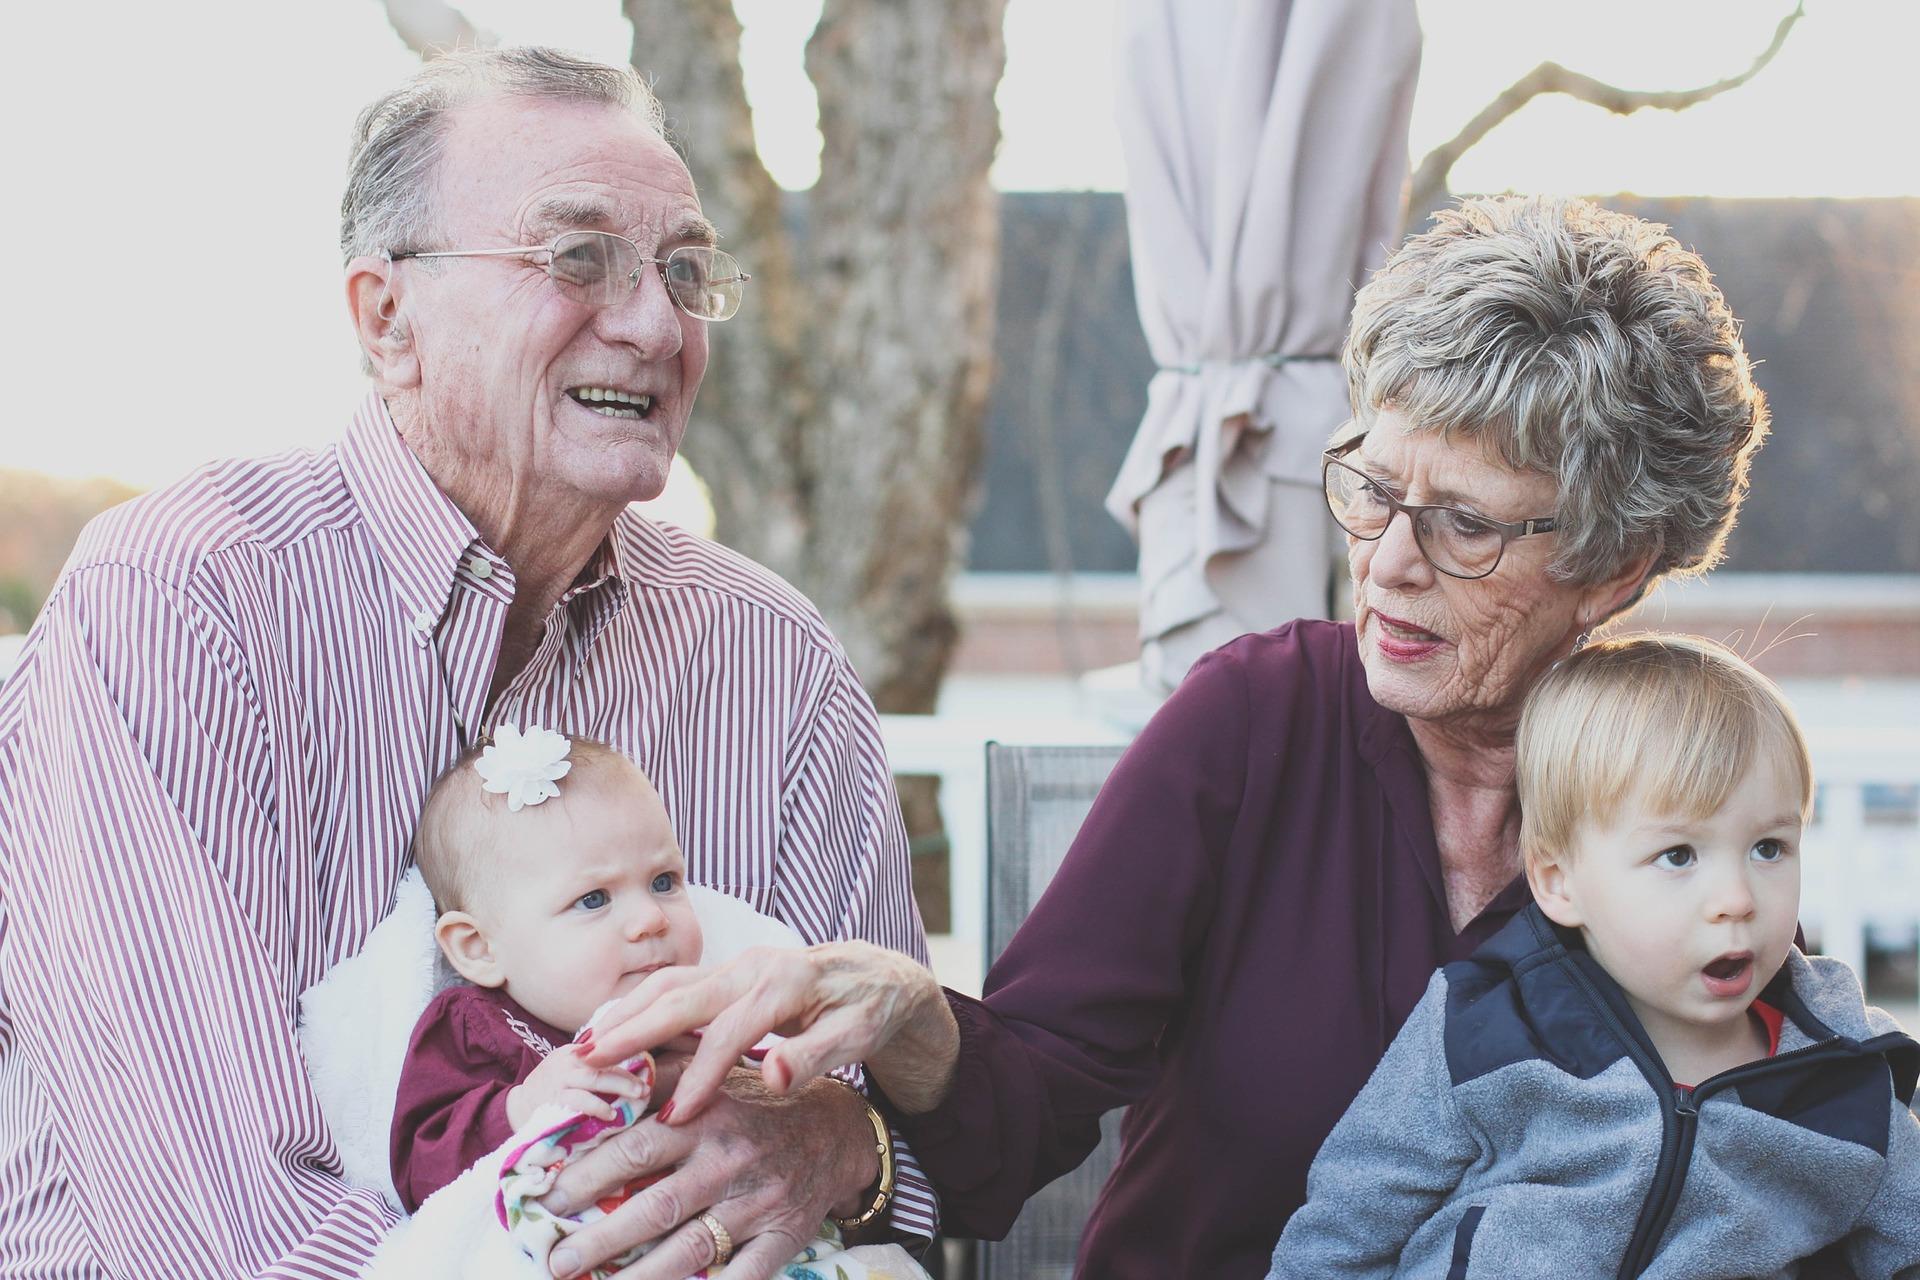 Beamte ausgezogen familienzuschlag kind Familienzuschlag Beamte